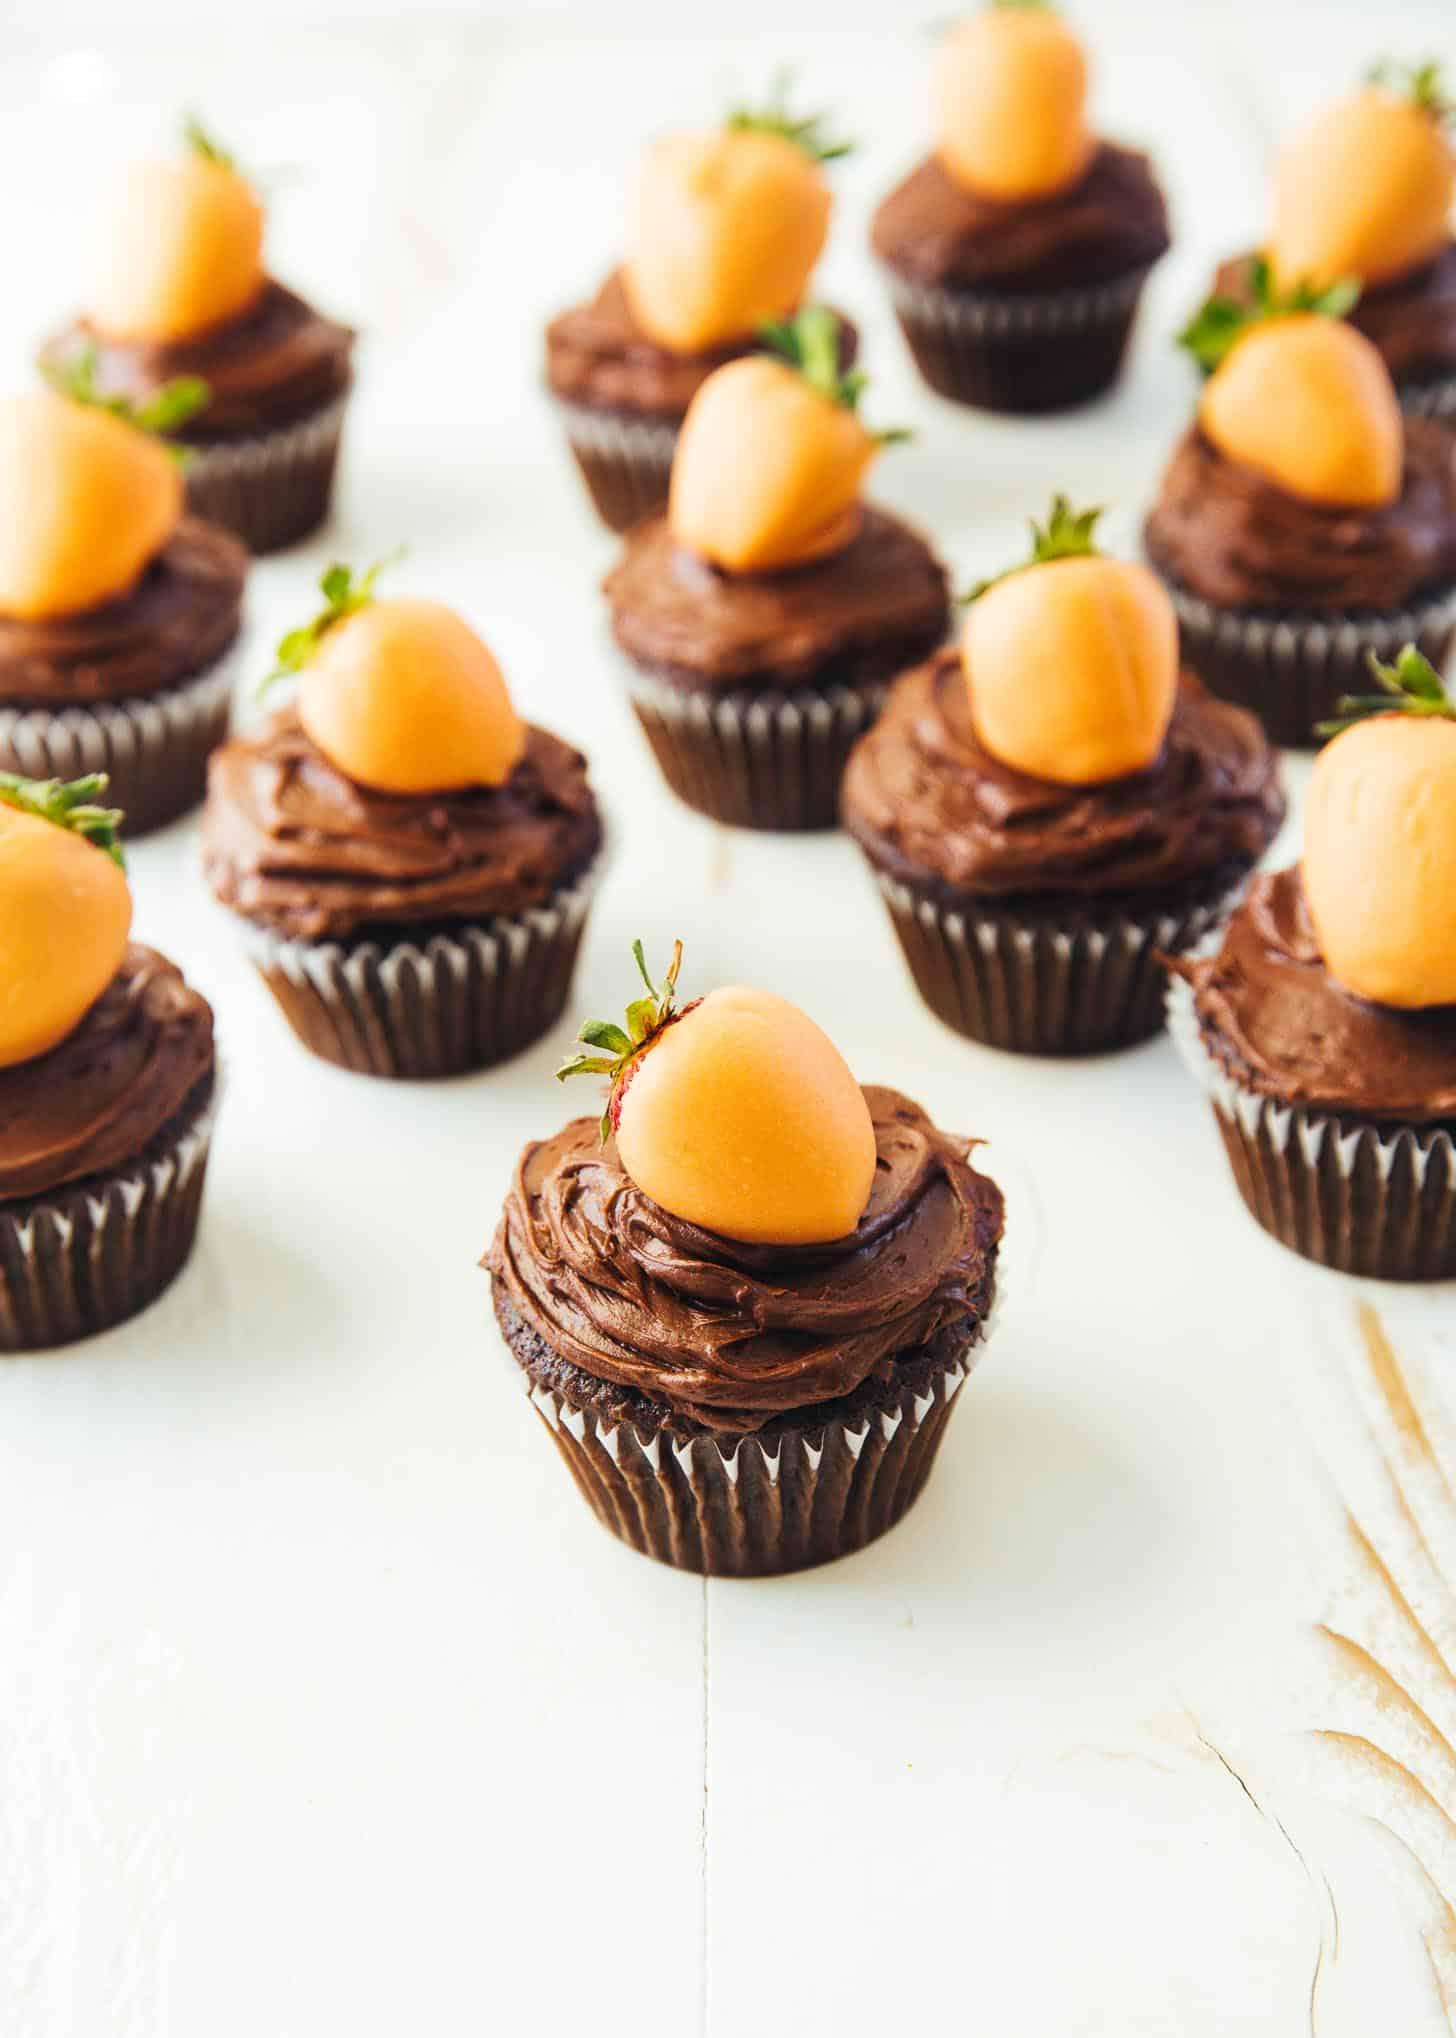 Carrot Top Chocolate Cupcakes